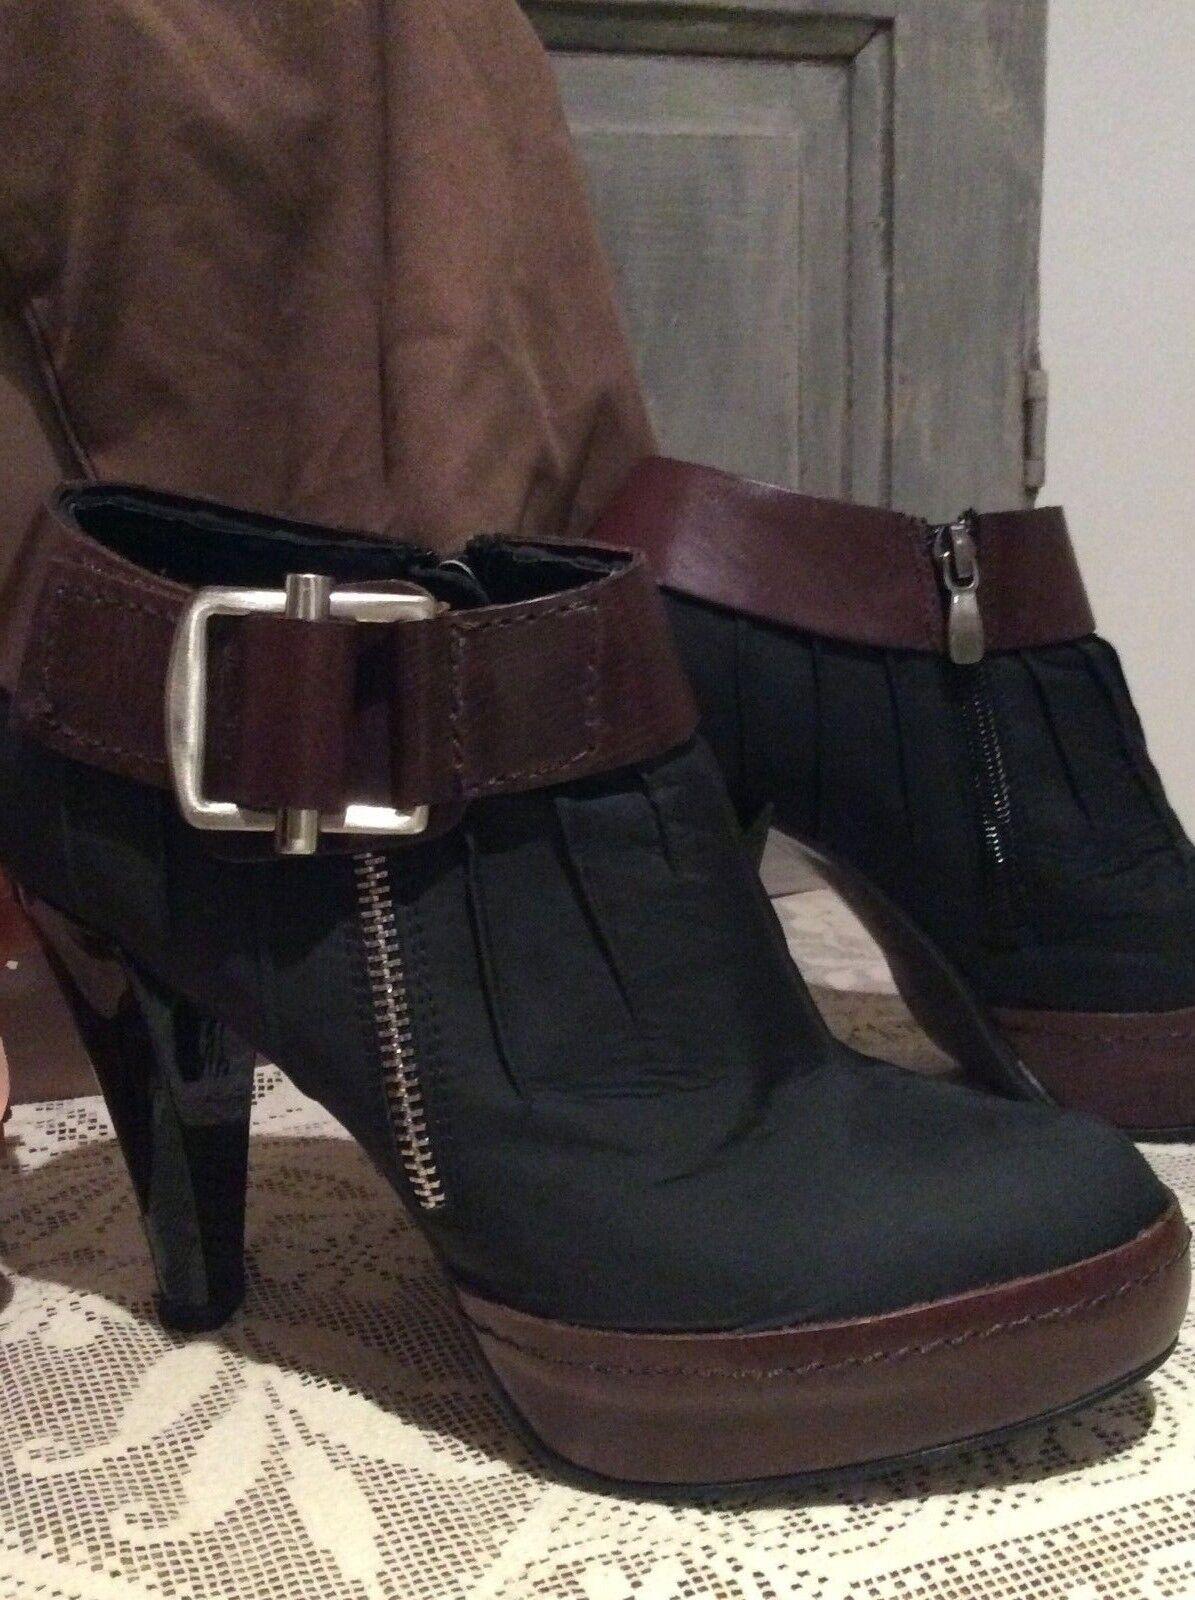 LOLA CRUZ Gorgeous Ankle StiefelHigh HeelDesigner 554T5ILU38 (5)   BNIB